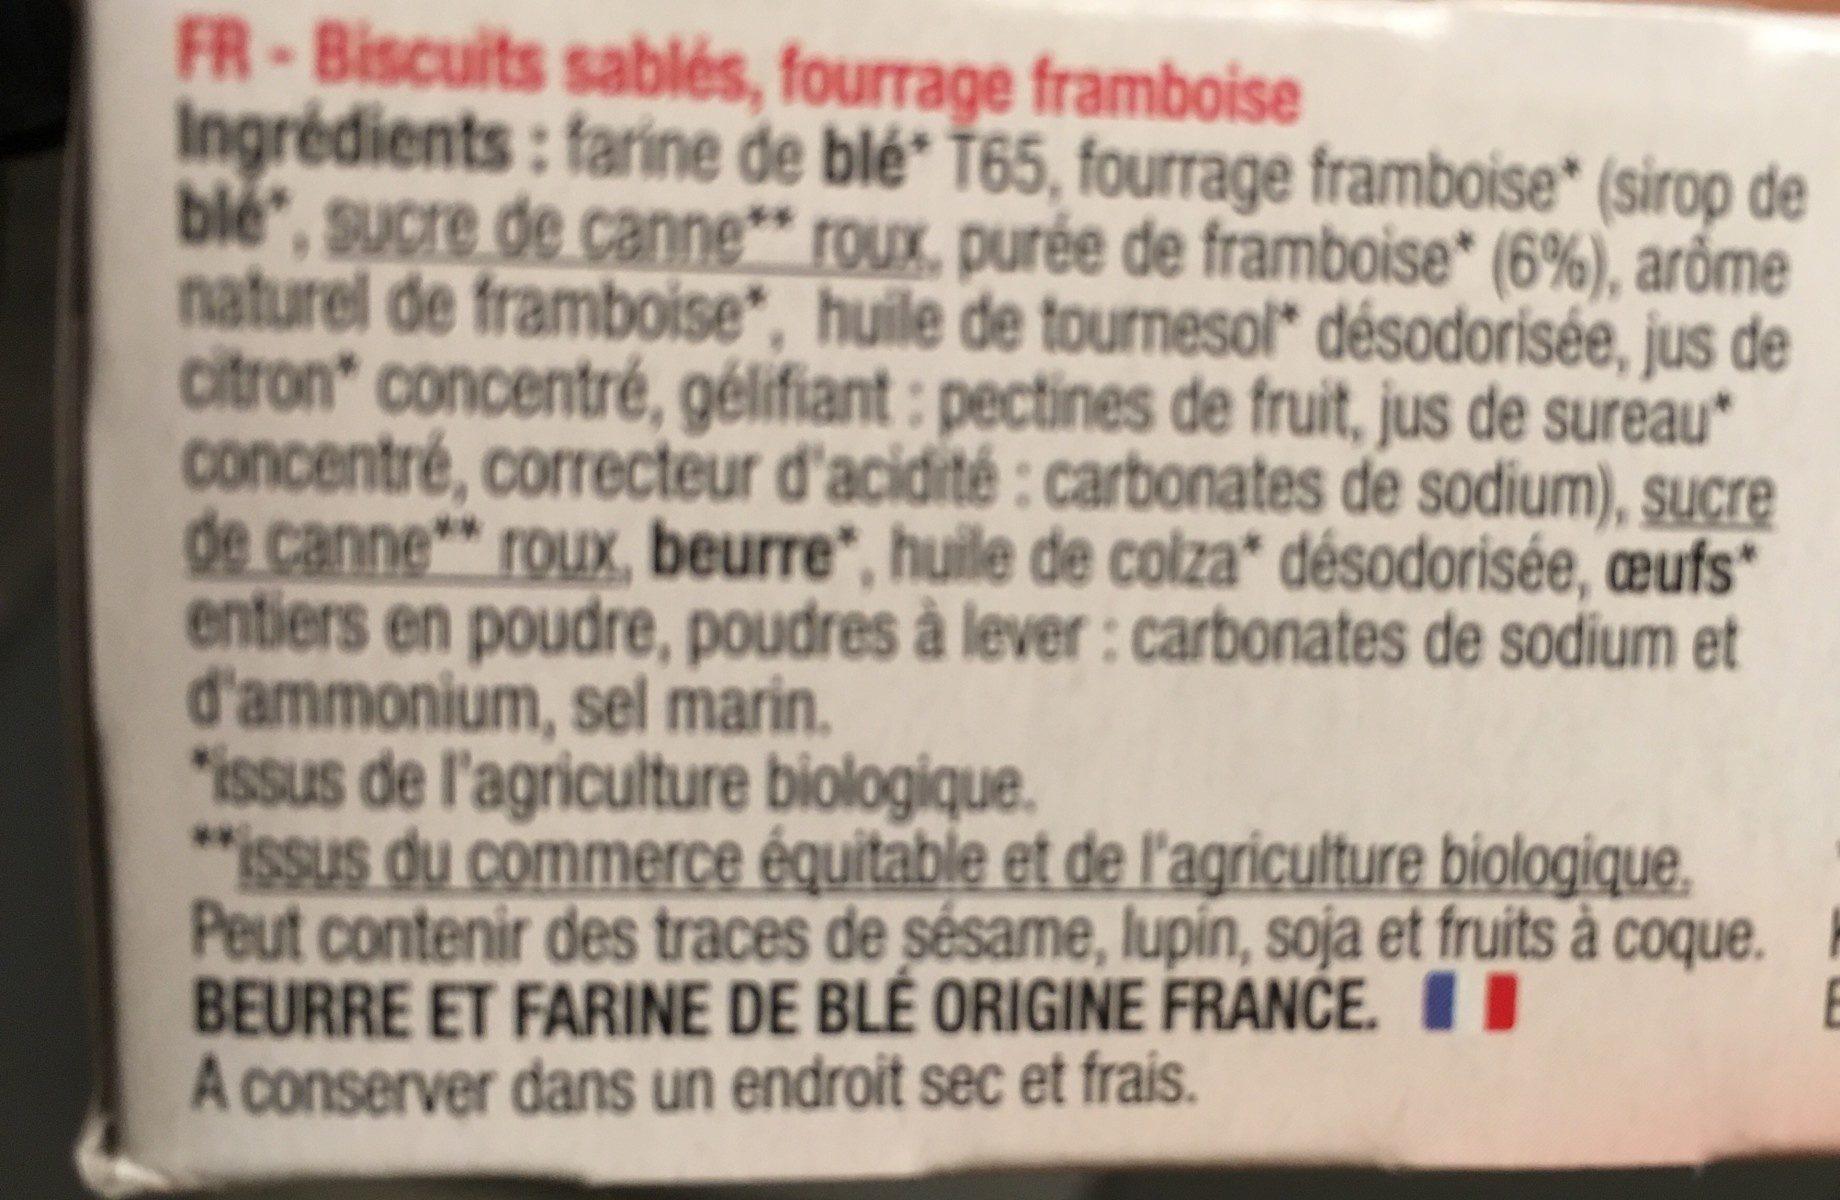 Mini Lunettes Framboise - Ingrediënten - fr